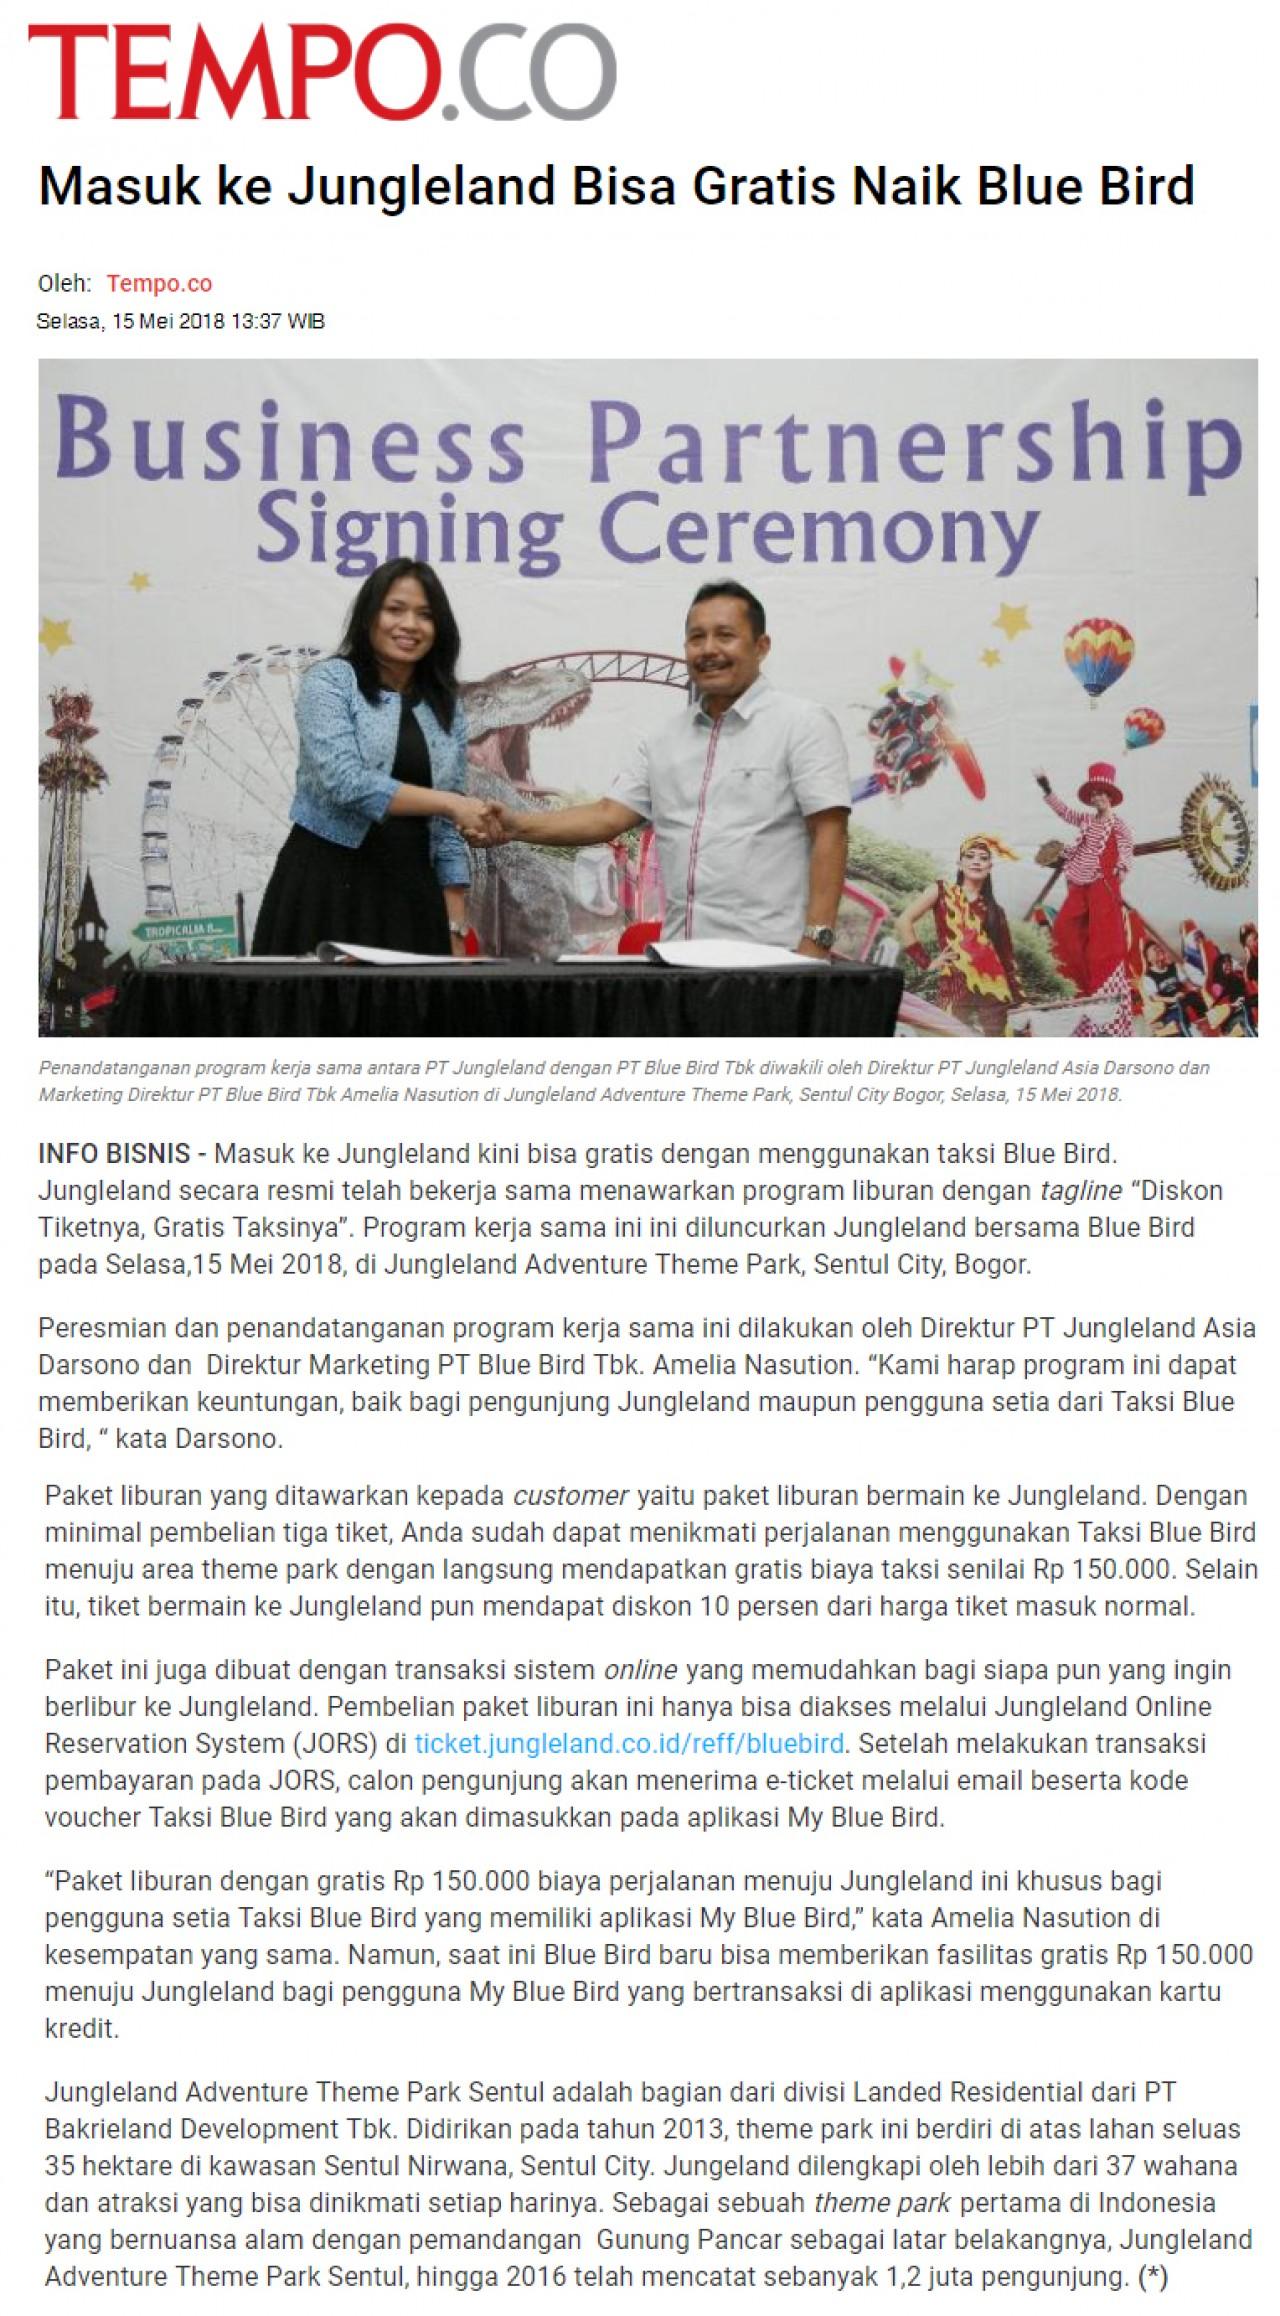 Media Clipping Pt Bakrieland Development Tbk Voucher  35 Persen Jungle Land